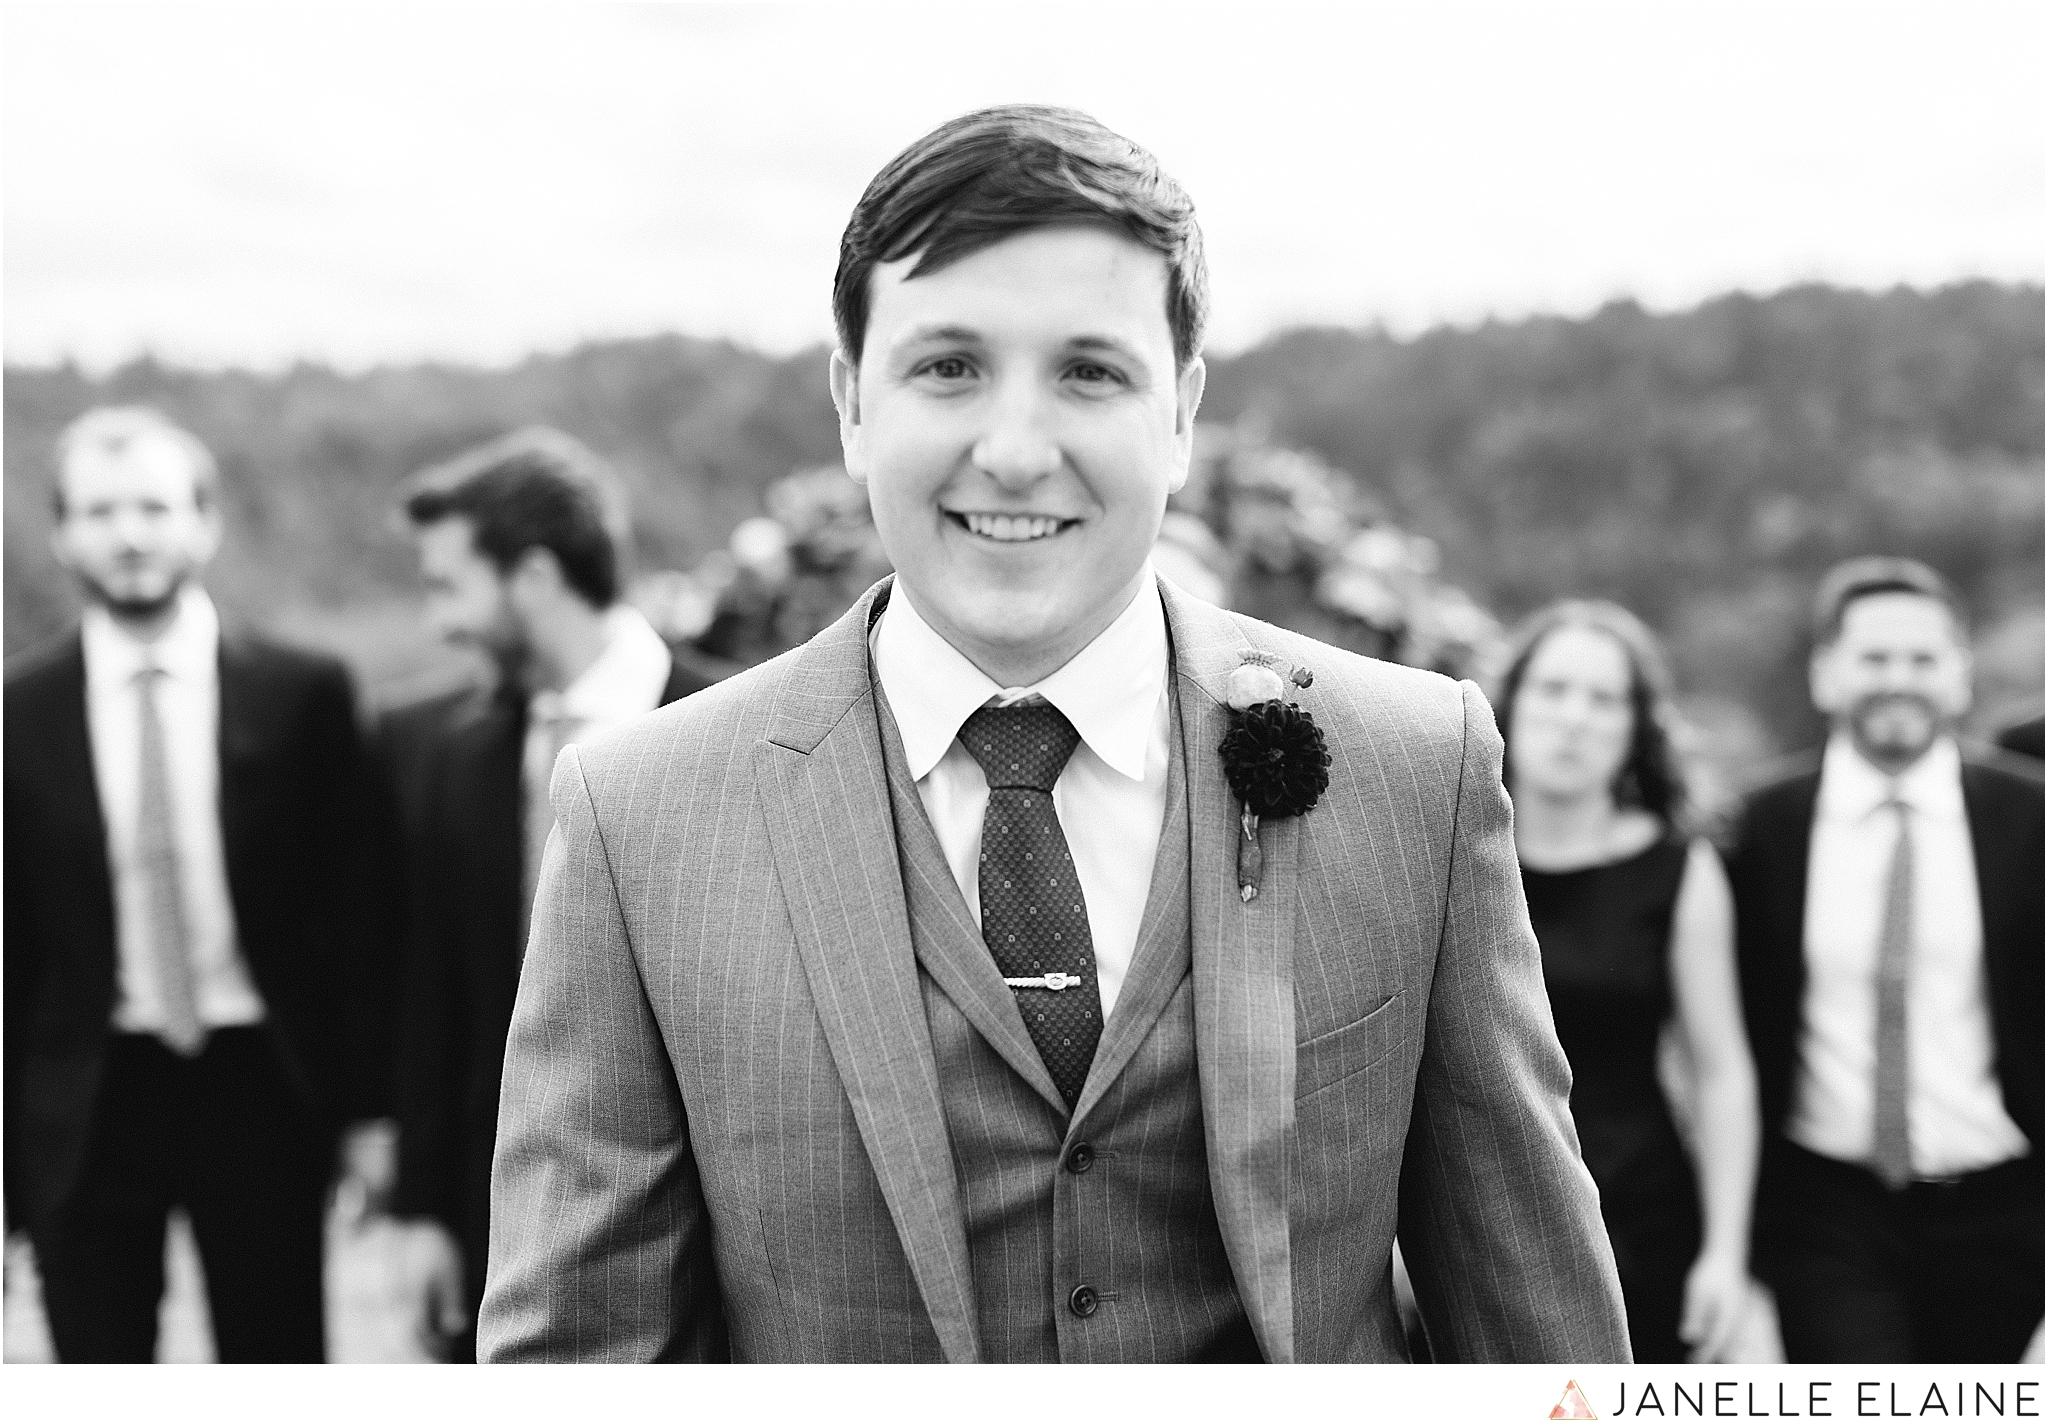 seattle-portrait-engagement-wedding-photographer-janelle-elaine-photography-40.jpg